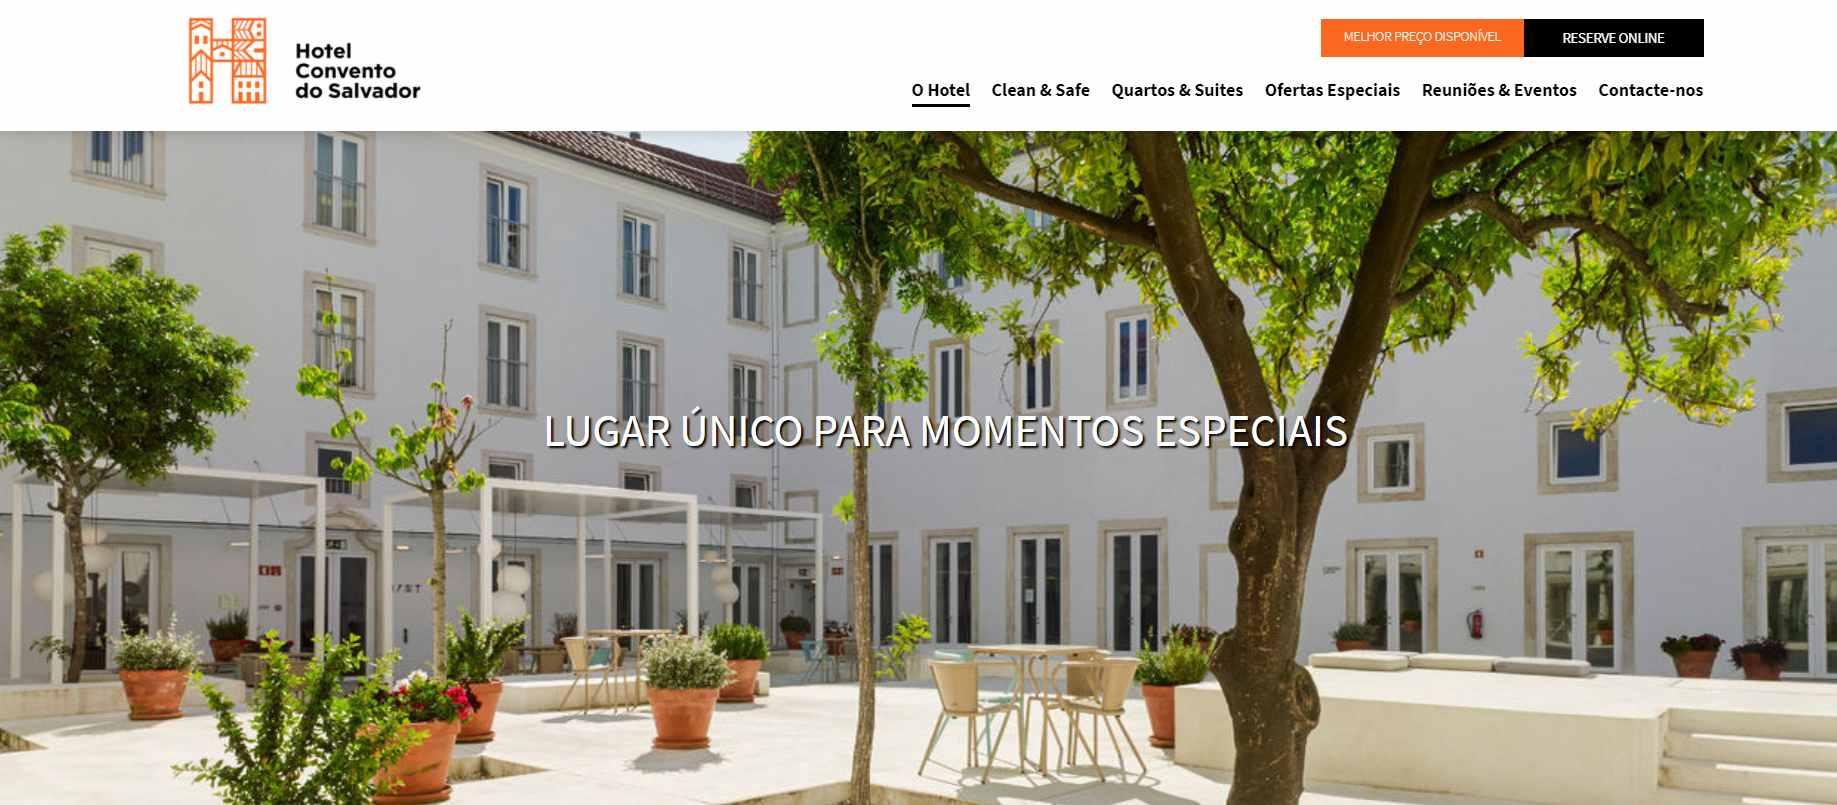 Clientes ABC Hospitality Convento Salvador